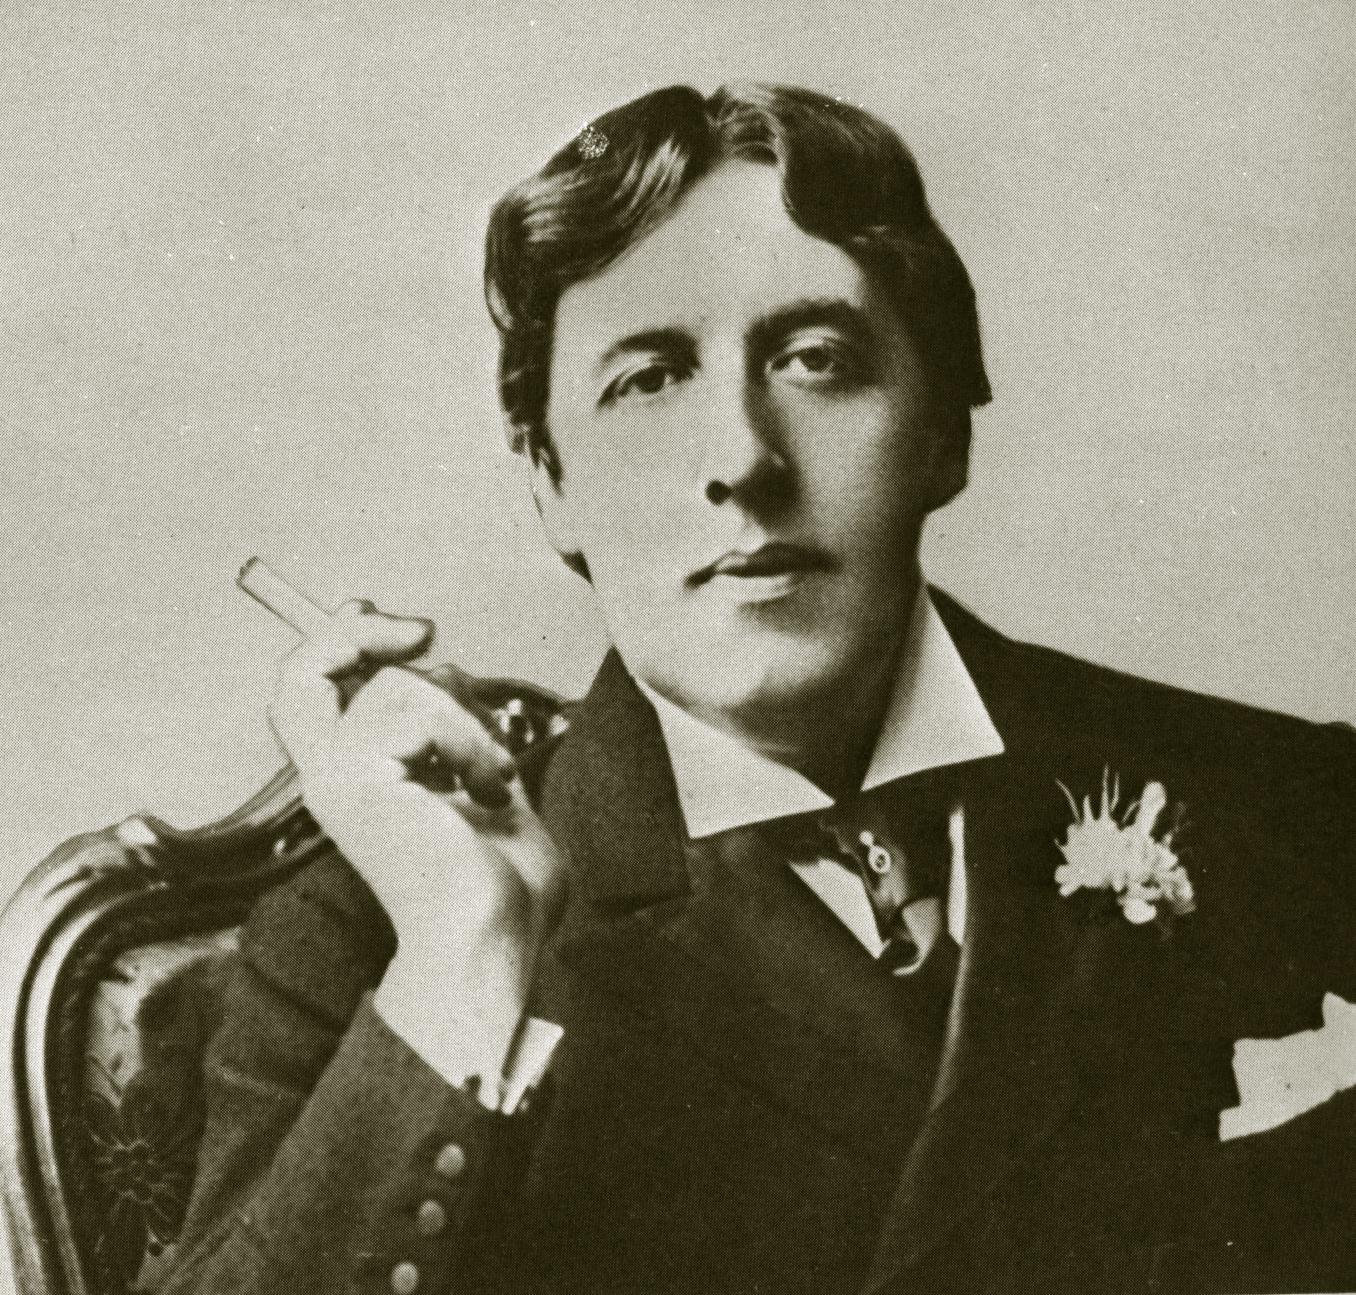 Aforisma del Giorno, Aforisma di Oscar Wilde, Aforismi sulla Vita